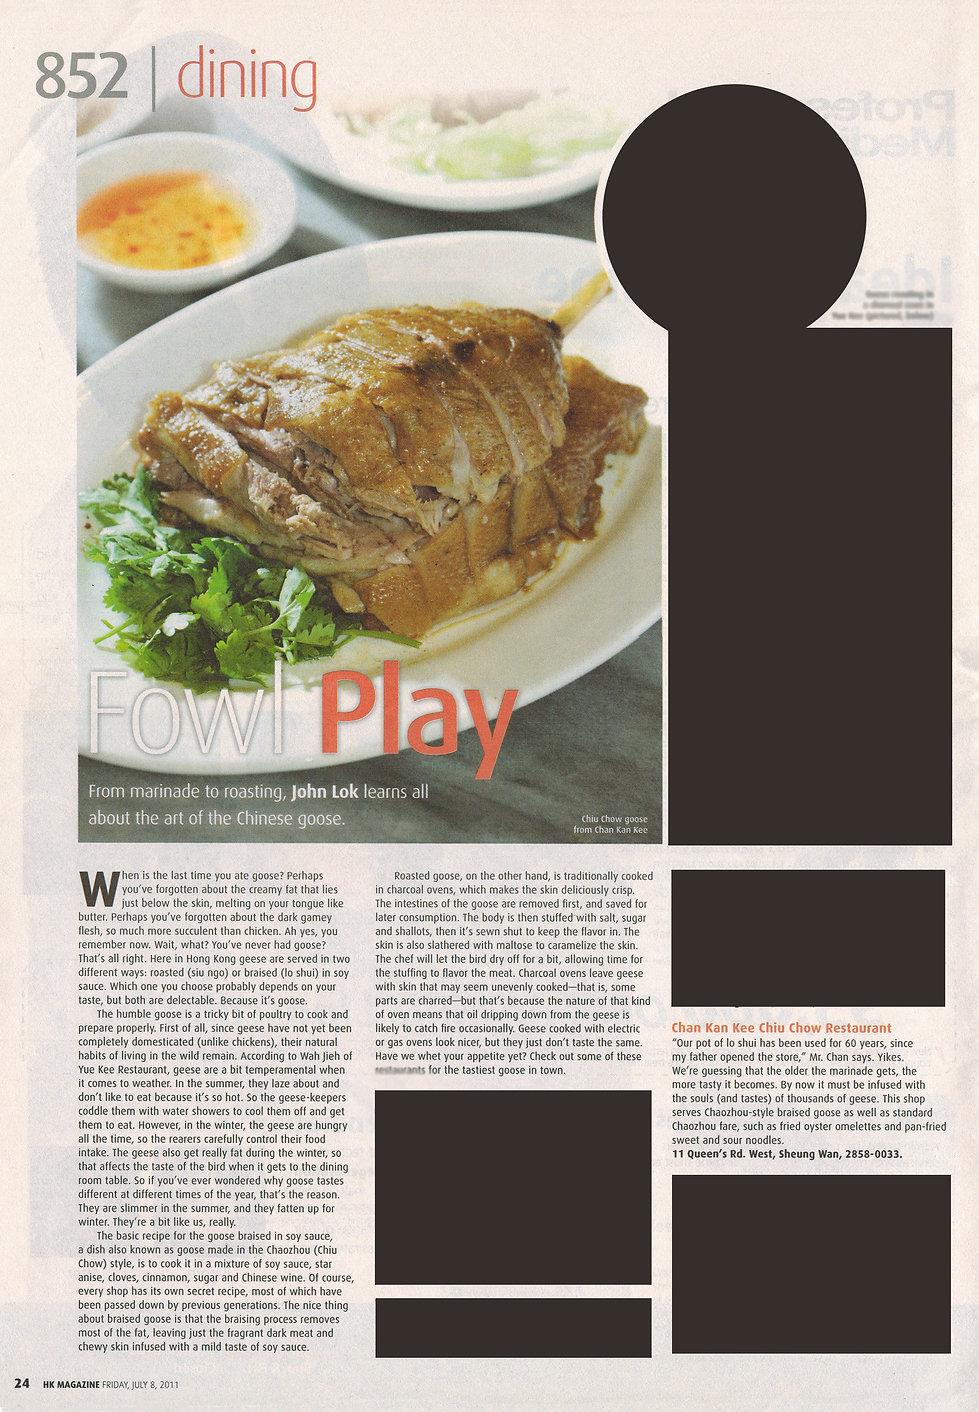 2011年7月8日 HK MAGAZINE.jpg